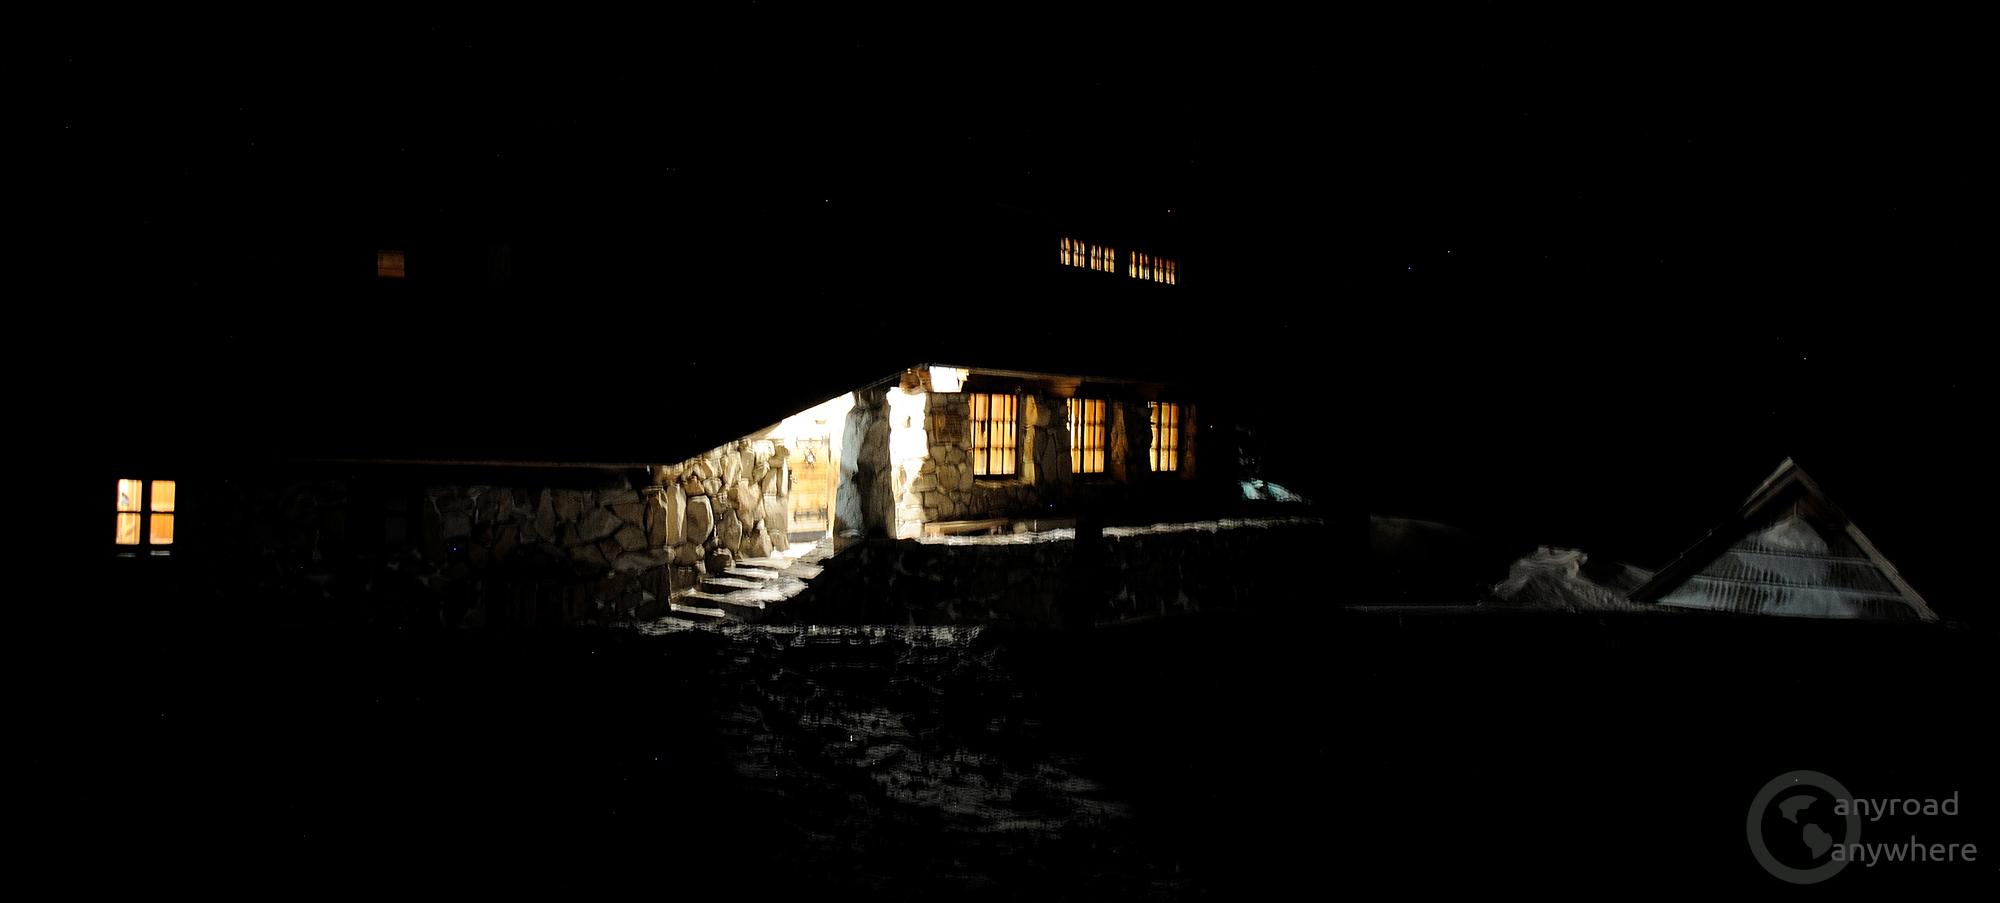 Az egyik hegyi menedékház csalogató fényei egy hideg téli napon